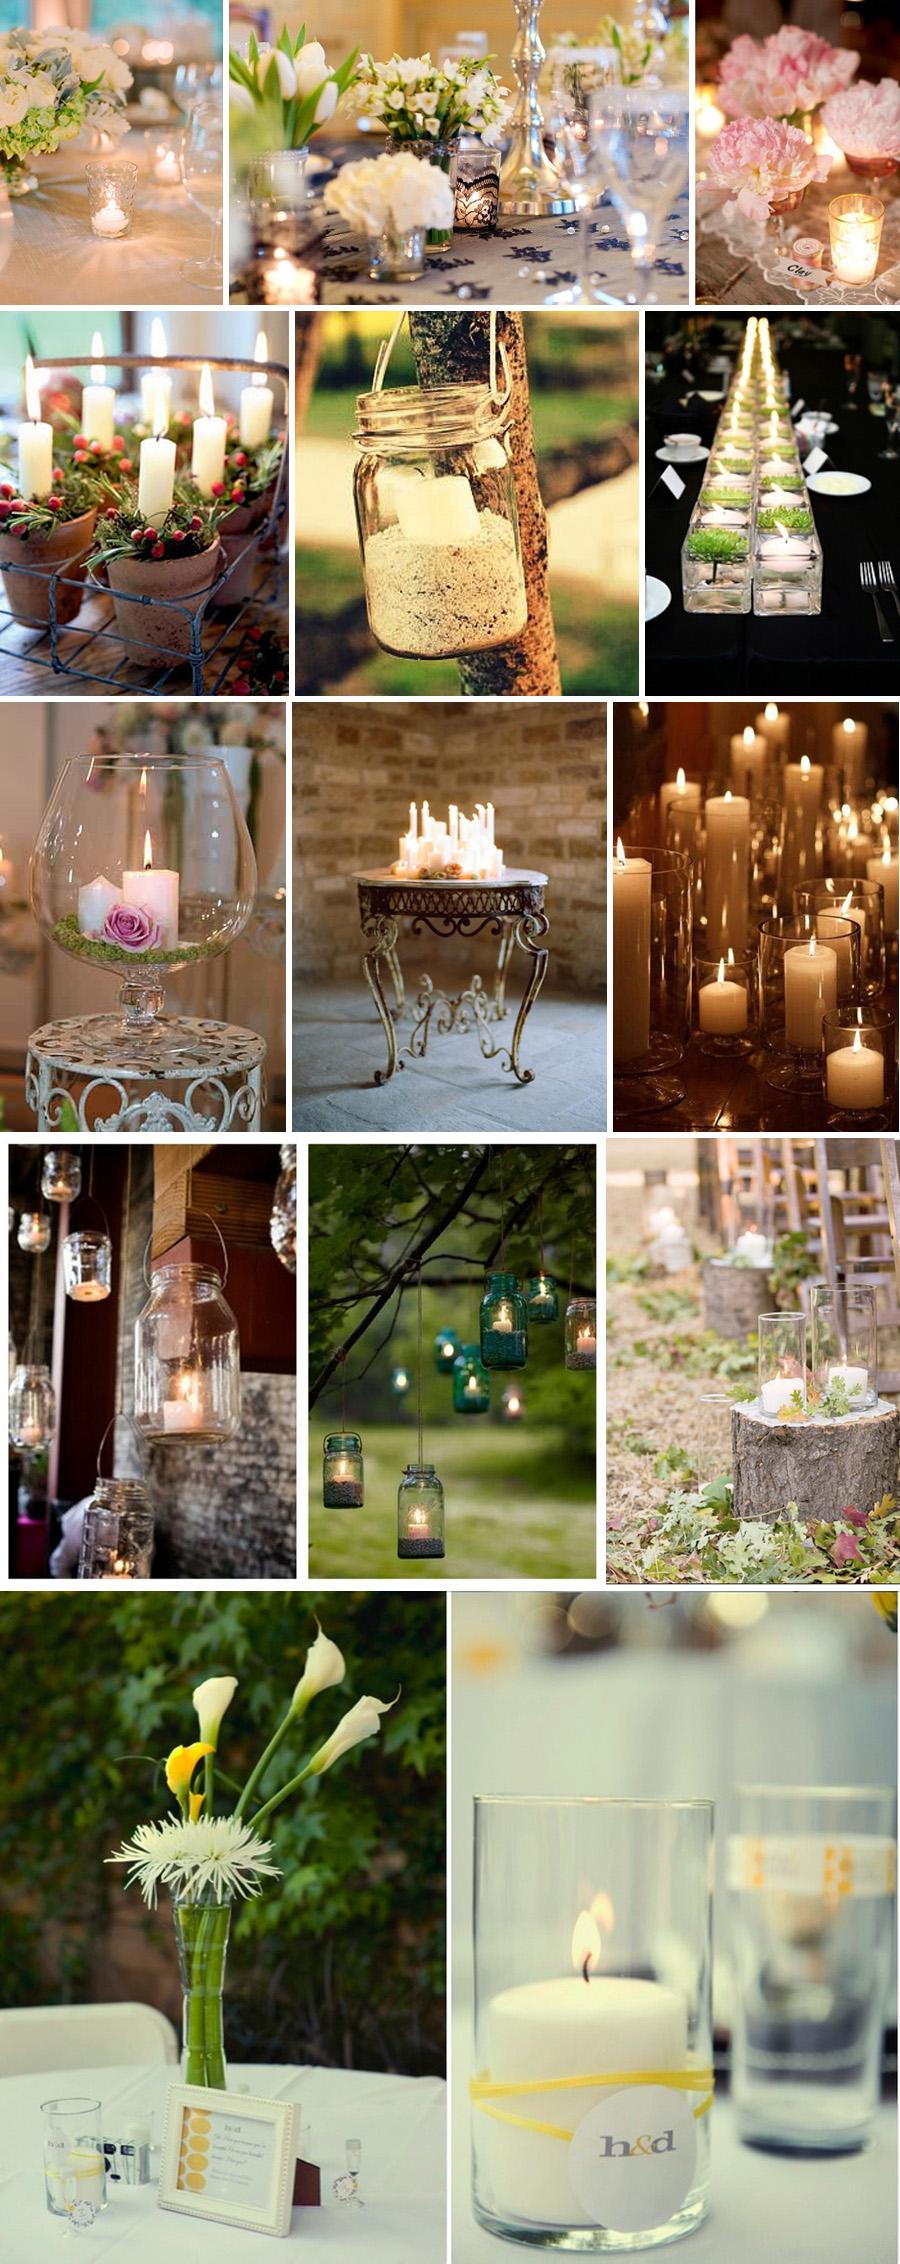 6 świeczki dekoracje na sali weselnej